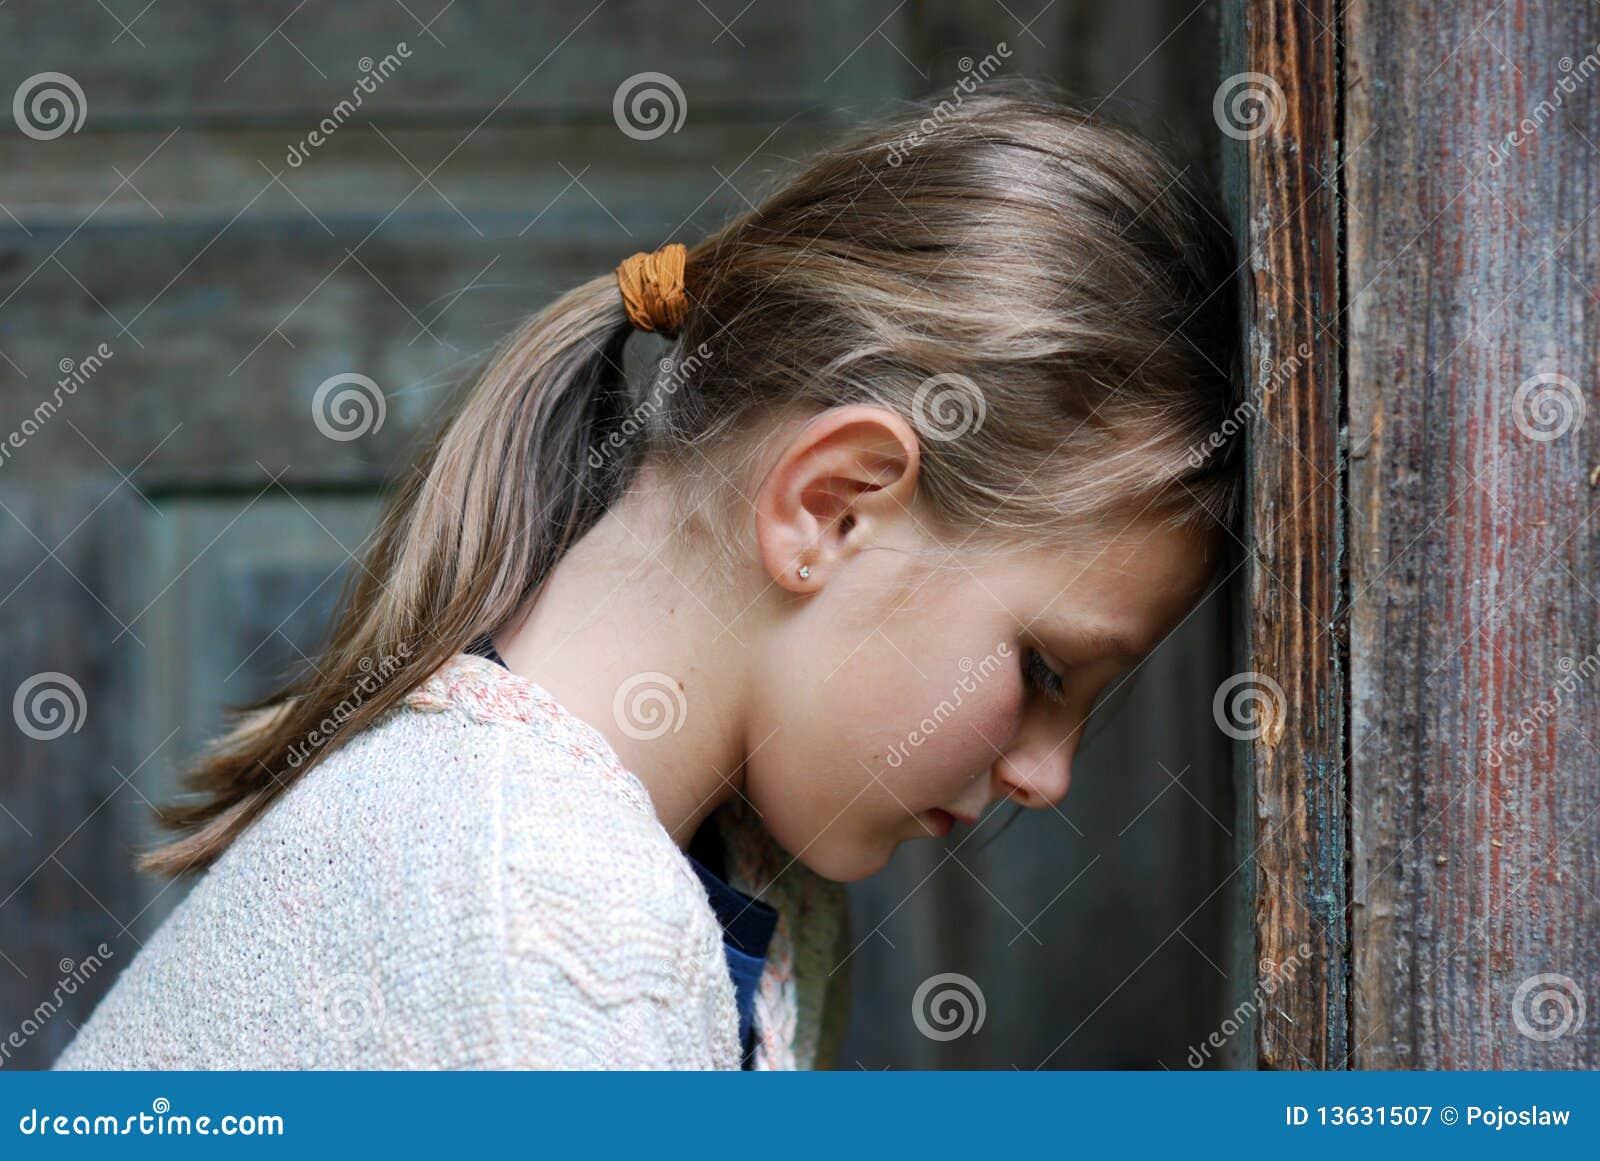 Фото анальные девочки 17 фотография